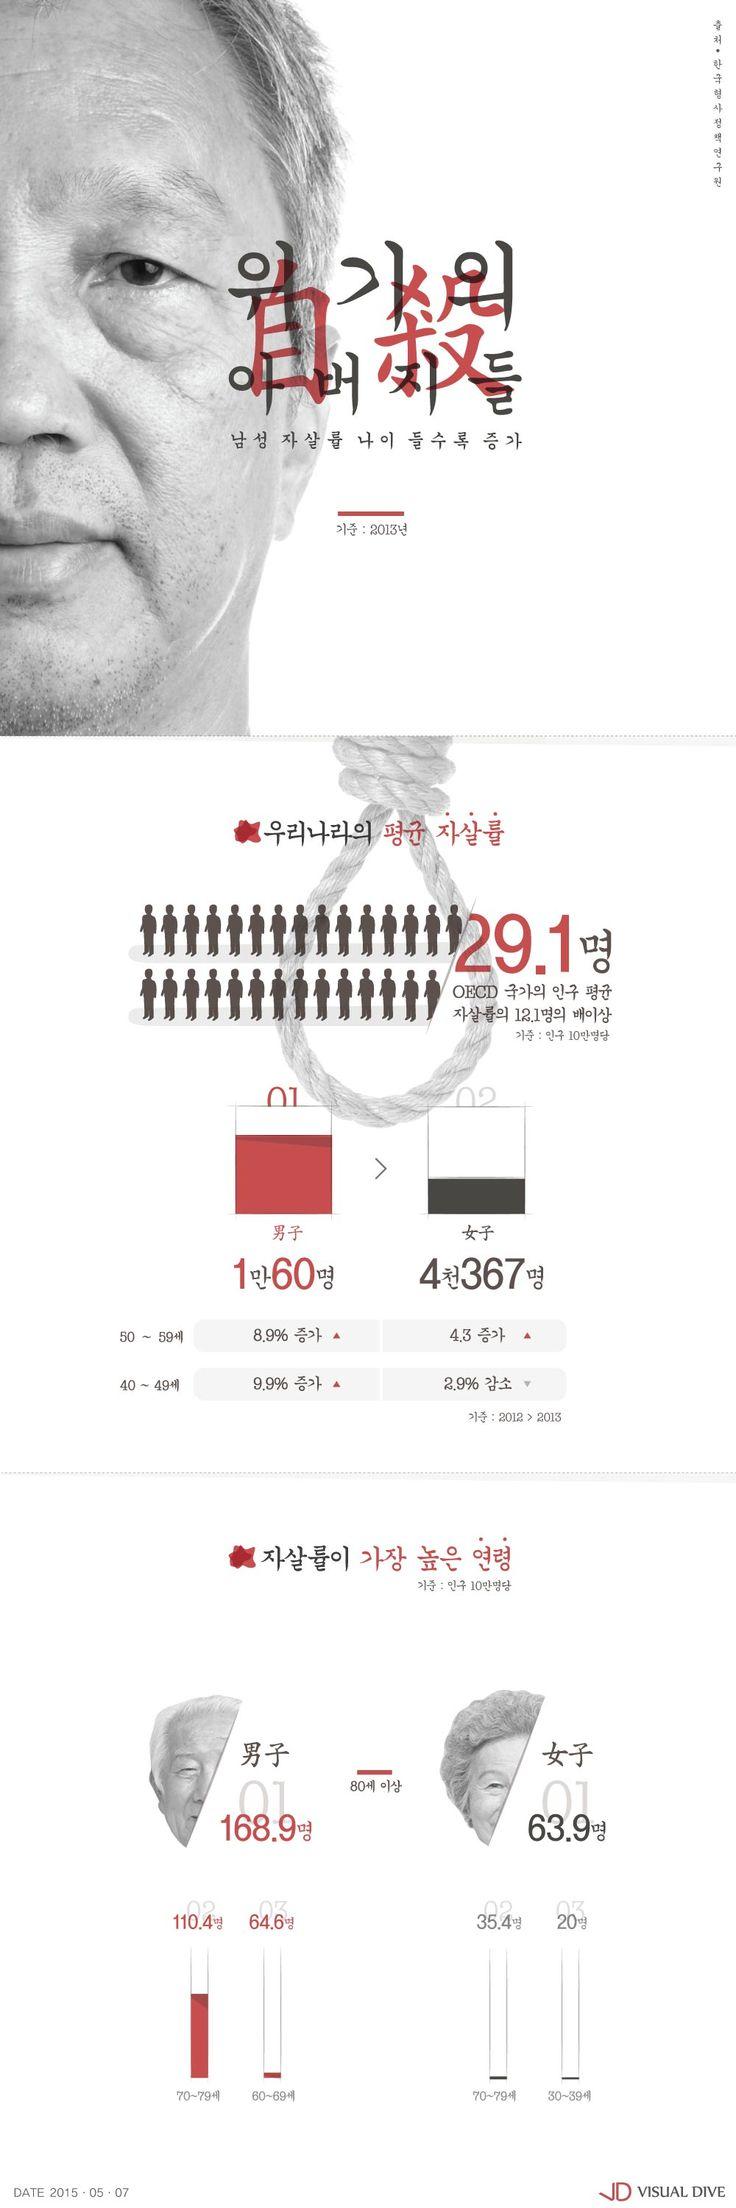 """우리나라 남성, 나이 들수록 자살률 높아…""""노인층 사회·경제적 부담이 원인"""" [인포그래픽] #suicide / #Infographic ⓒ 비주얼다이브 무단 복사·전재·재배포"""